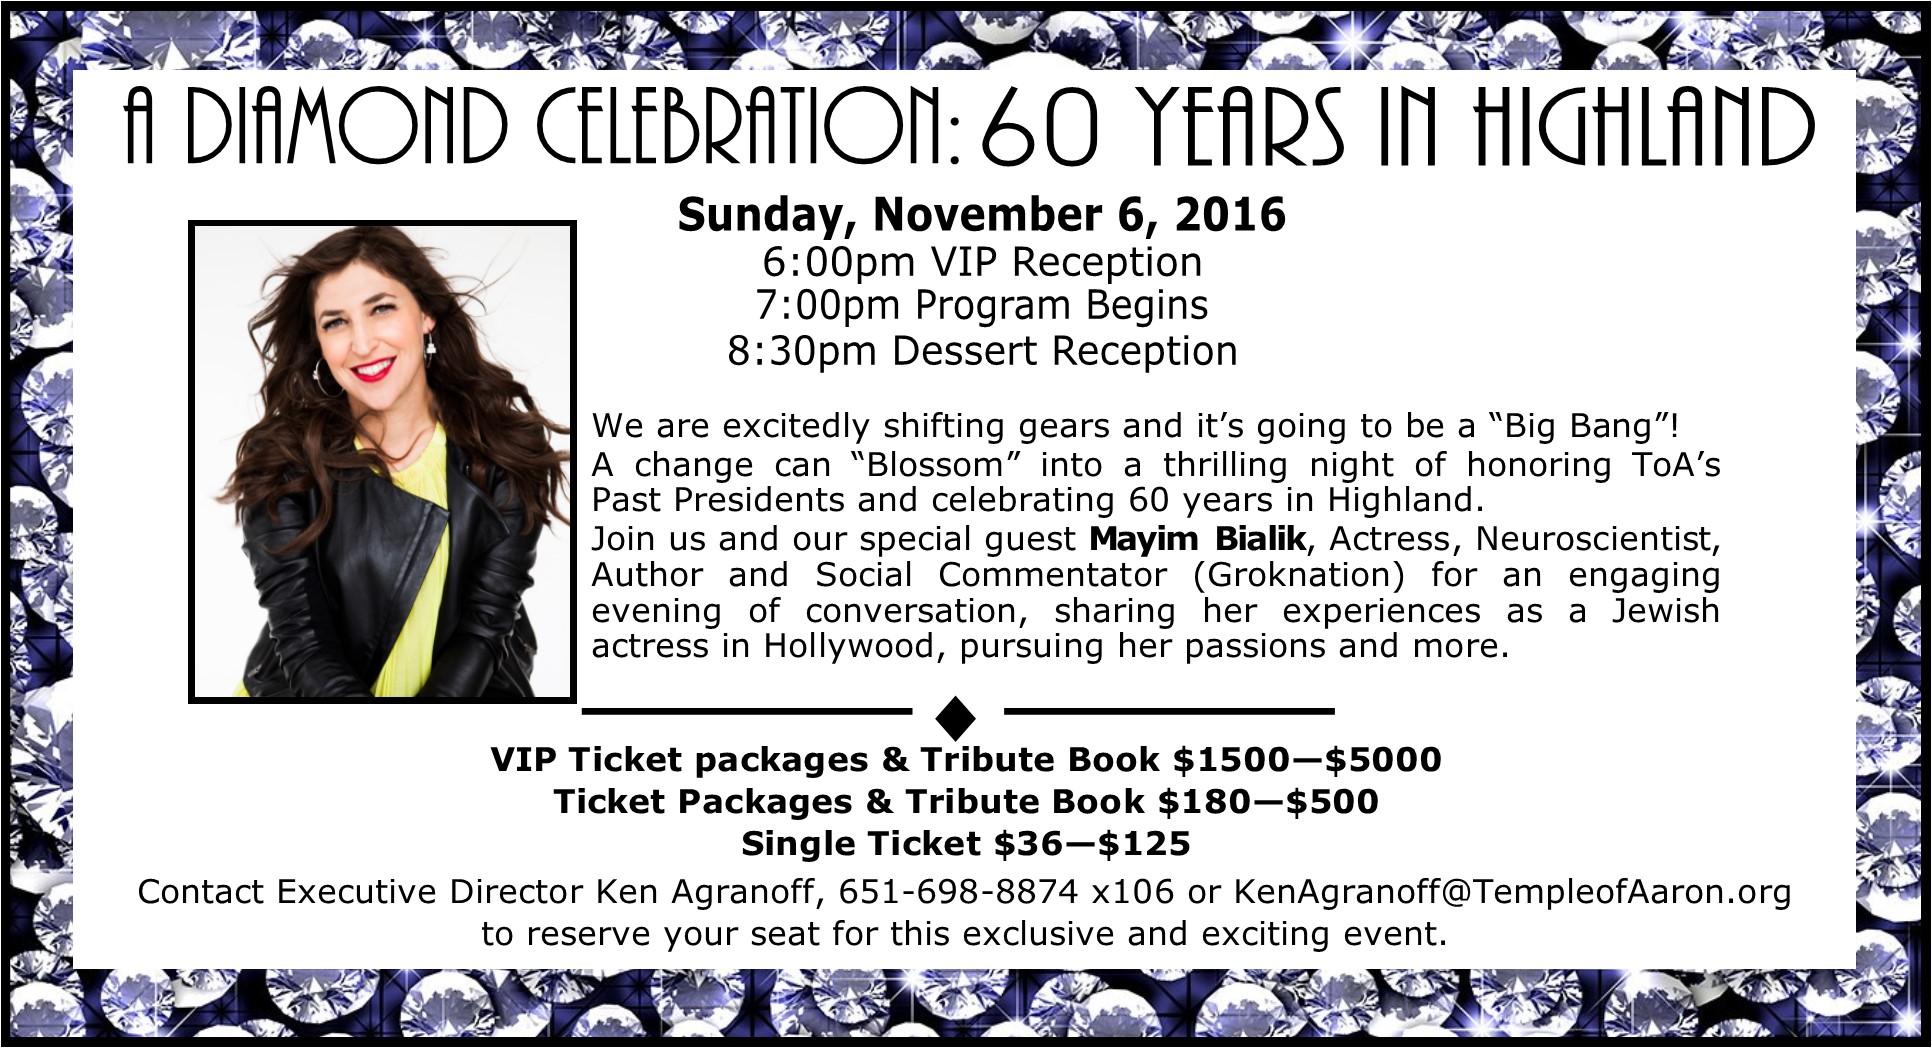 A Diamond Celebration Featuring Mayim Bialik